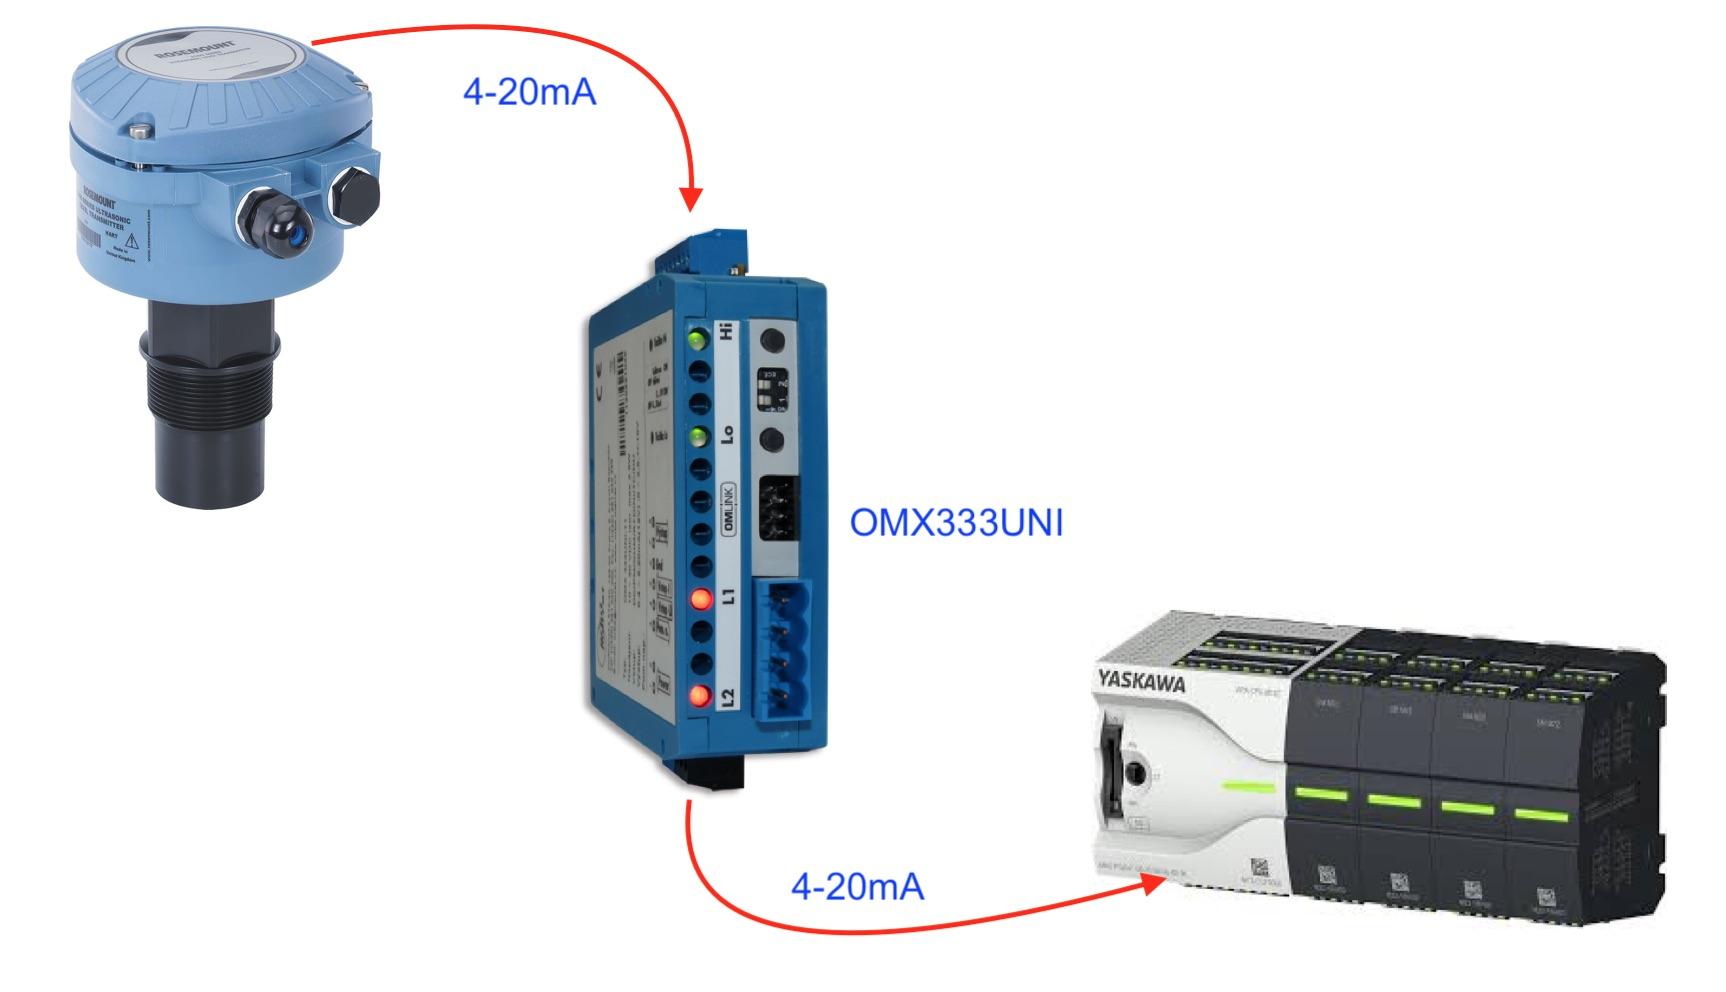 Bộ cách ly tín hiệu 4-20mA - OMX333UNI